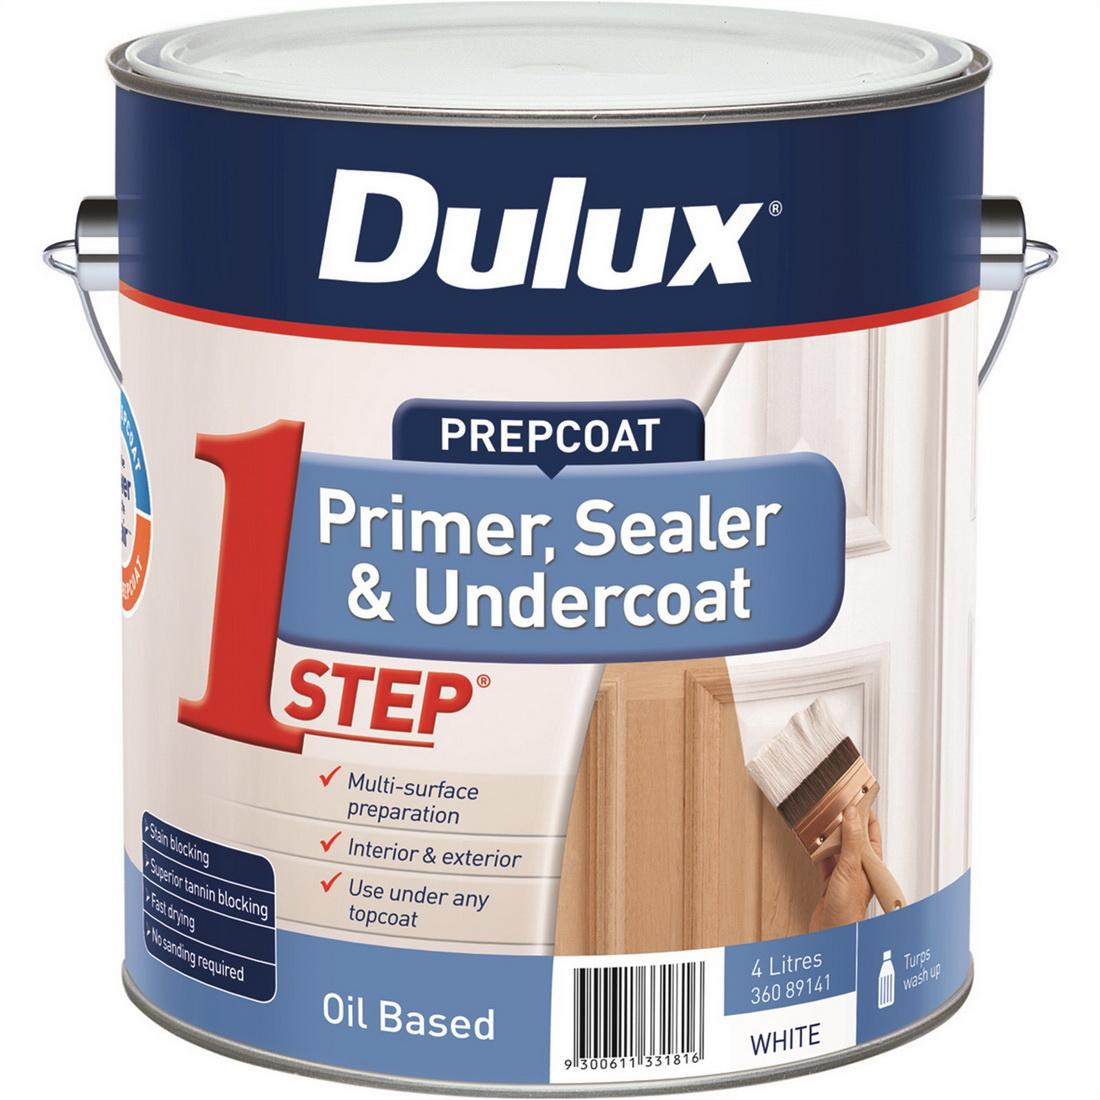 1Step Flat Primer Sealer Undercoat Oil Based White 4L